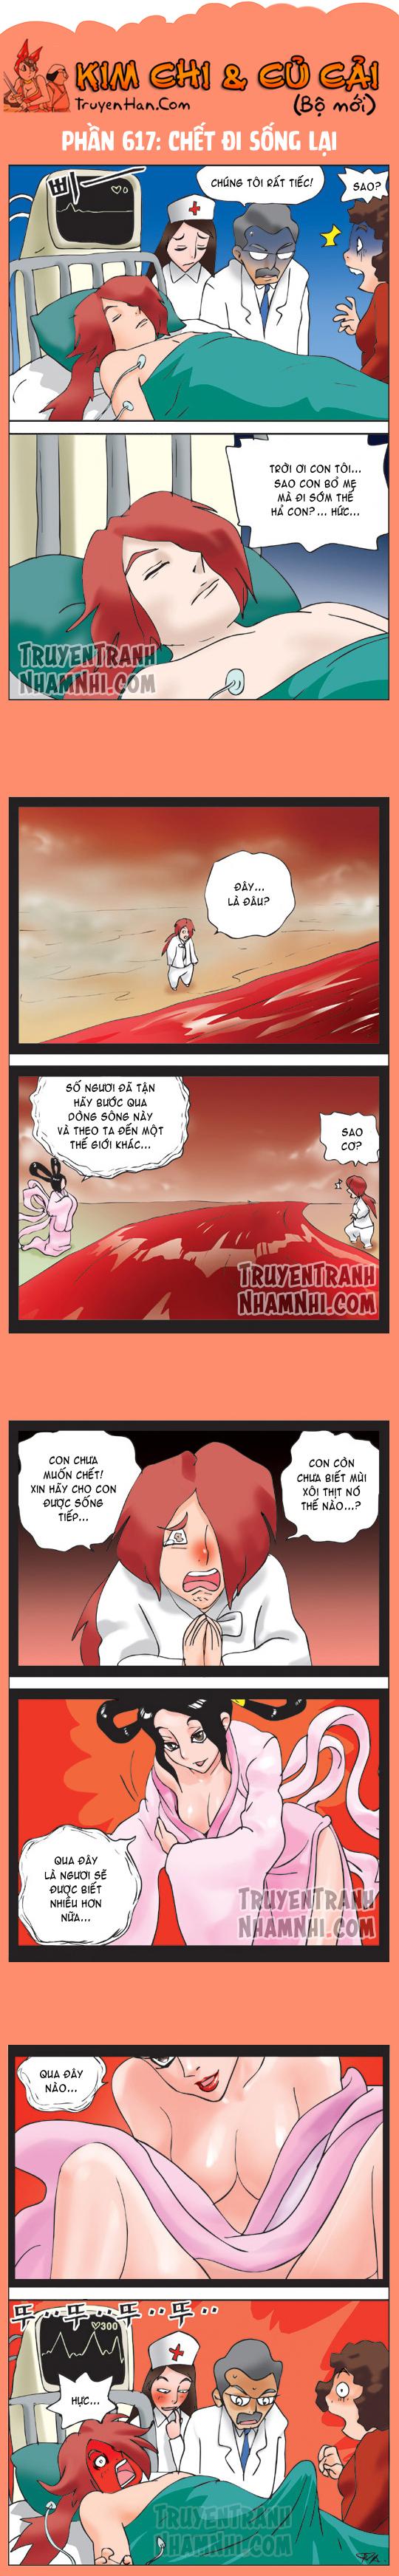 Kim Chi Và Củ Cải phần 617: Chết đi sống lại